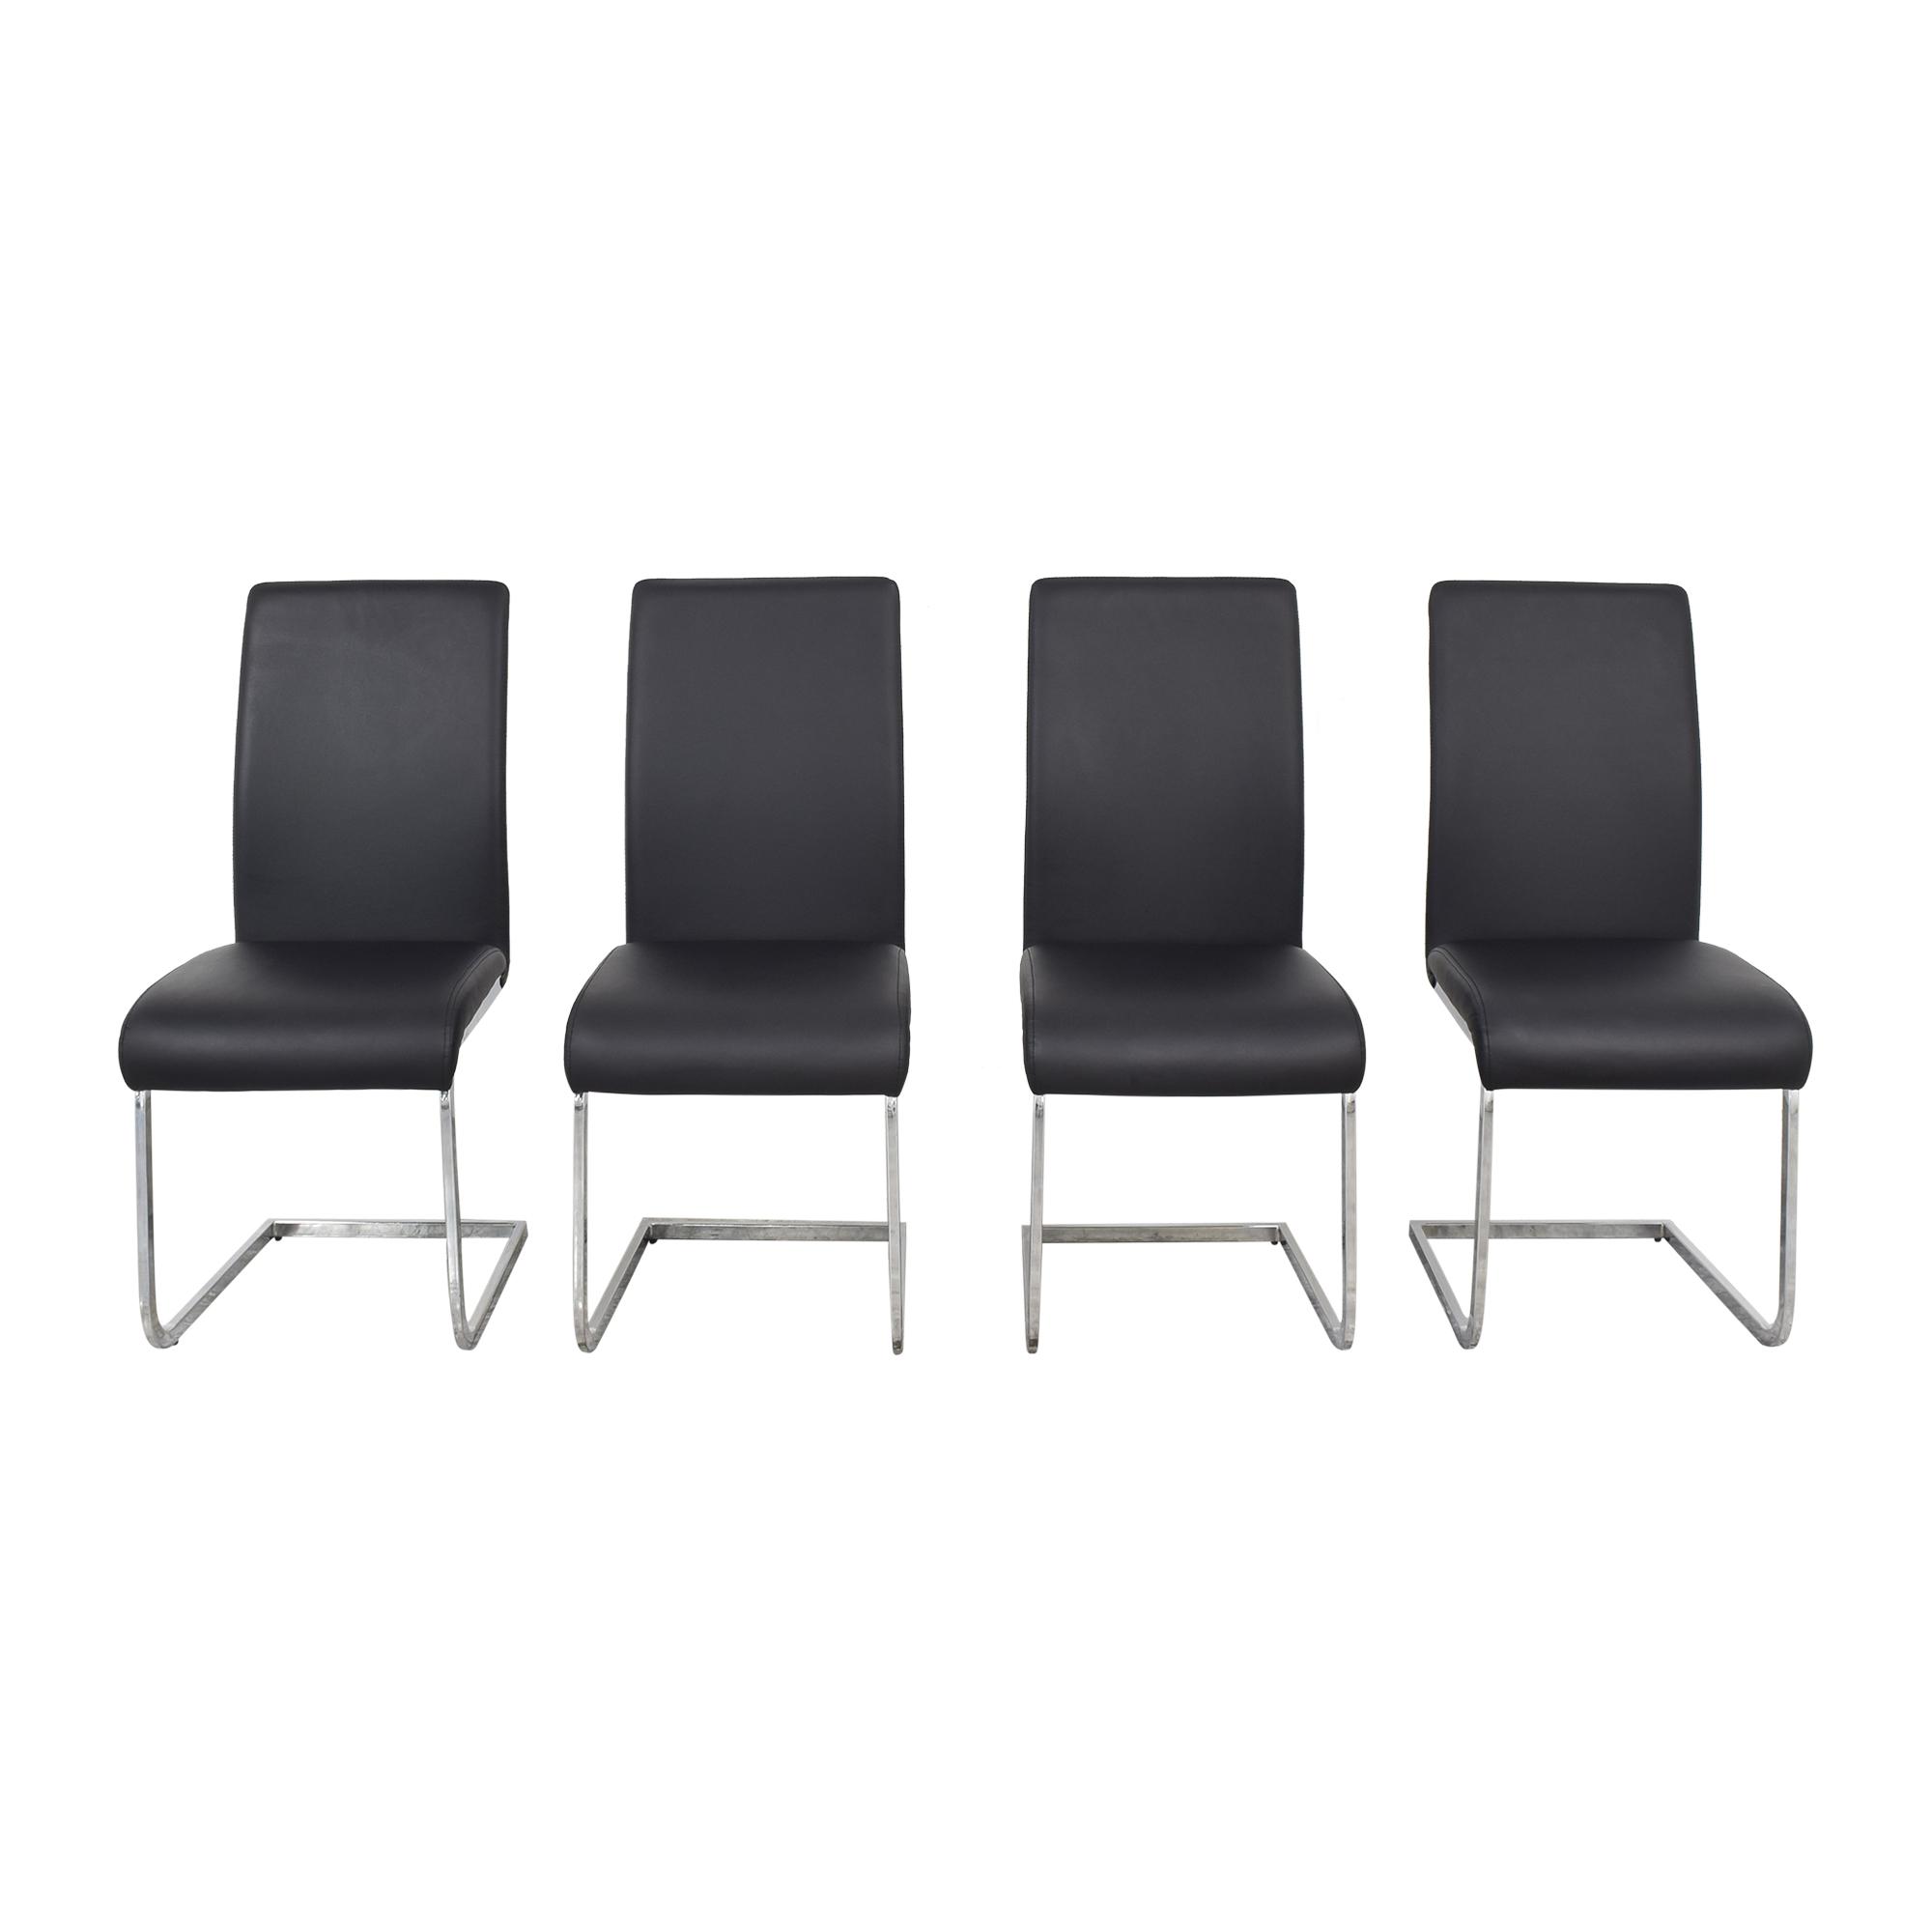 CB2 Silverado Chairs / Chairs